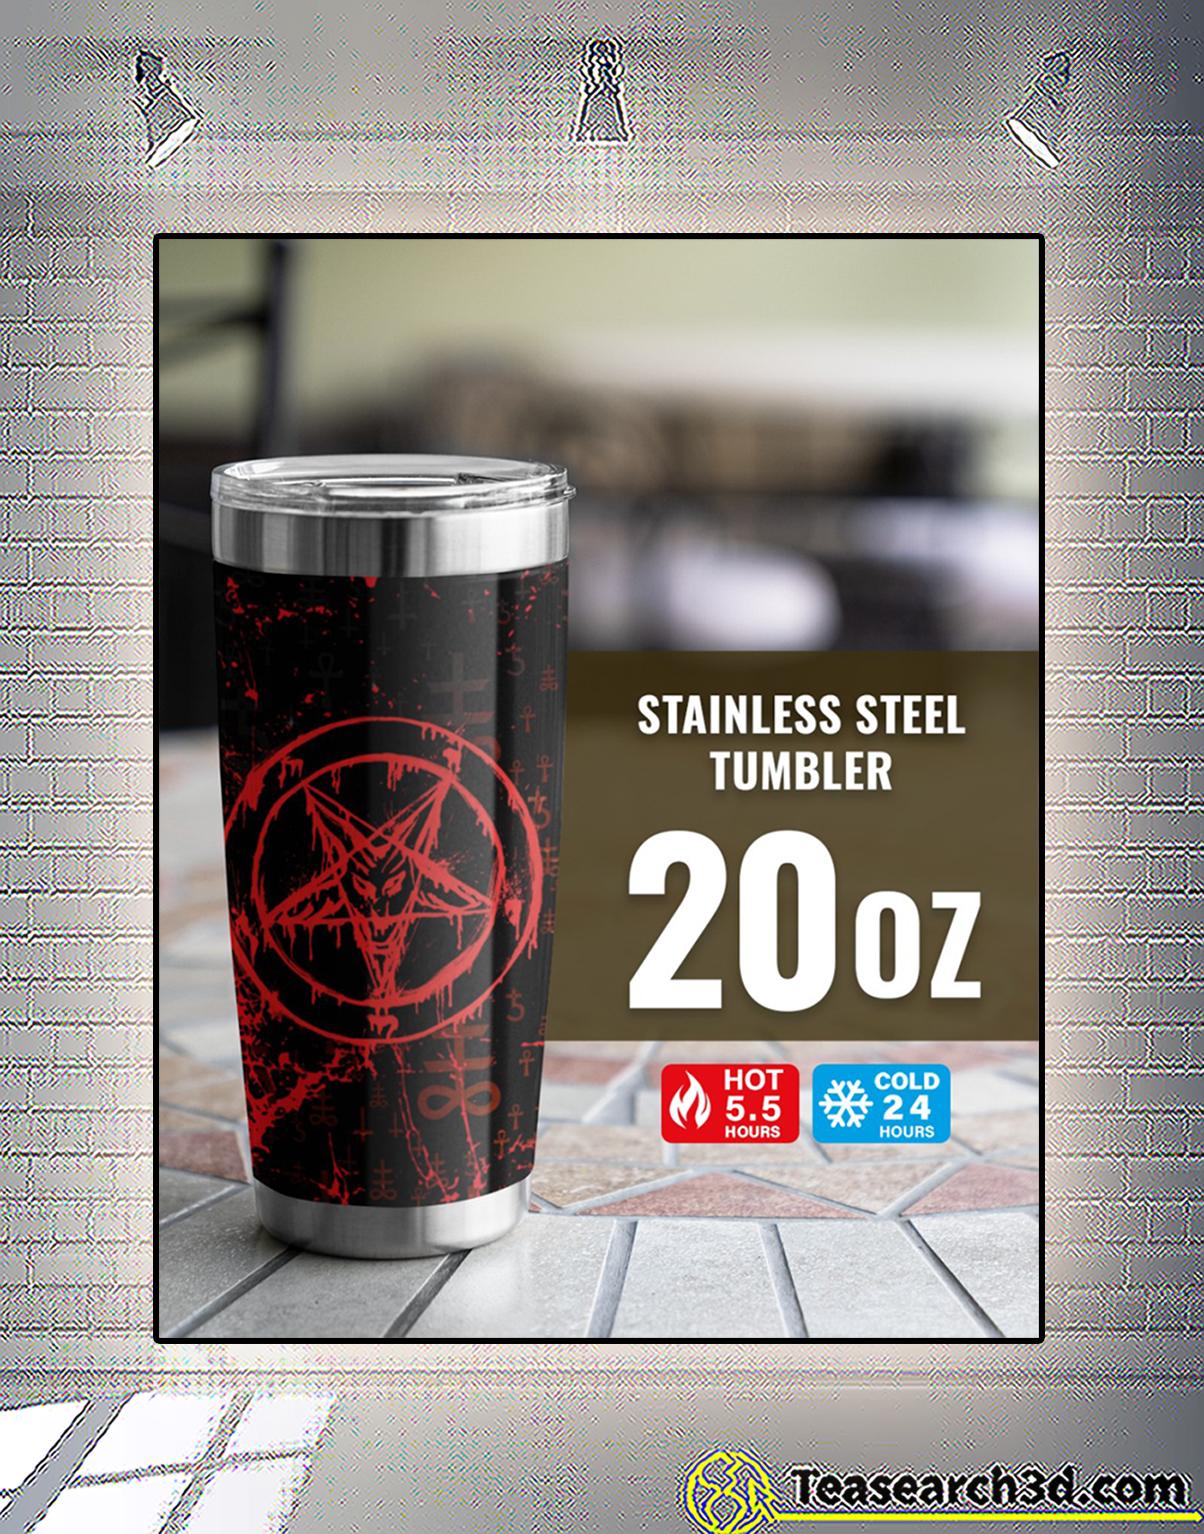 Satan symbol tumbler 2